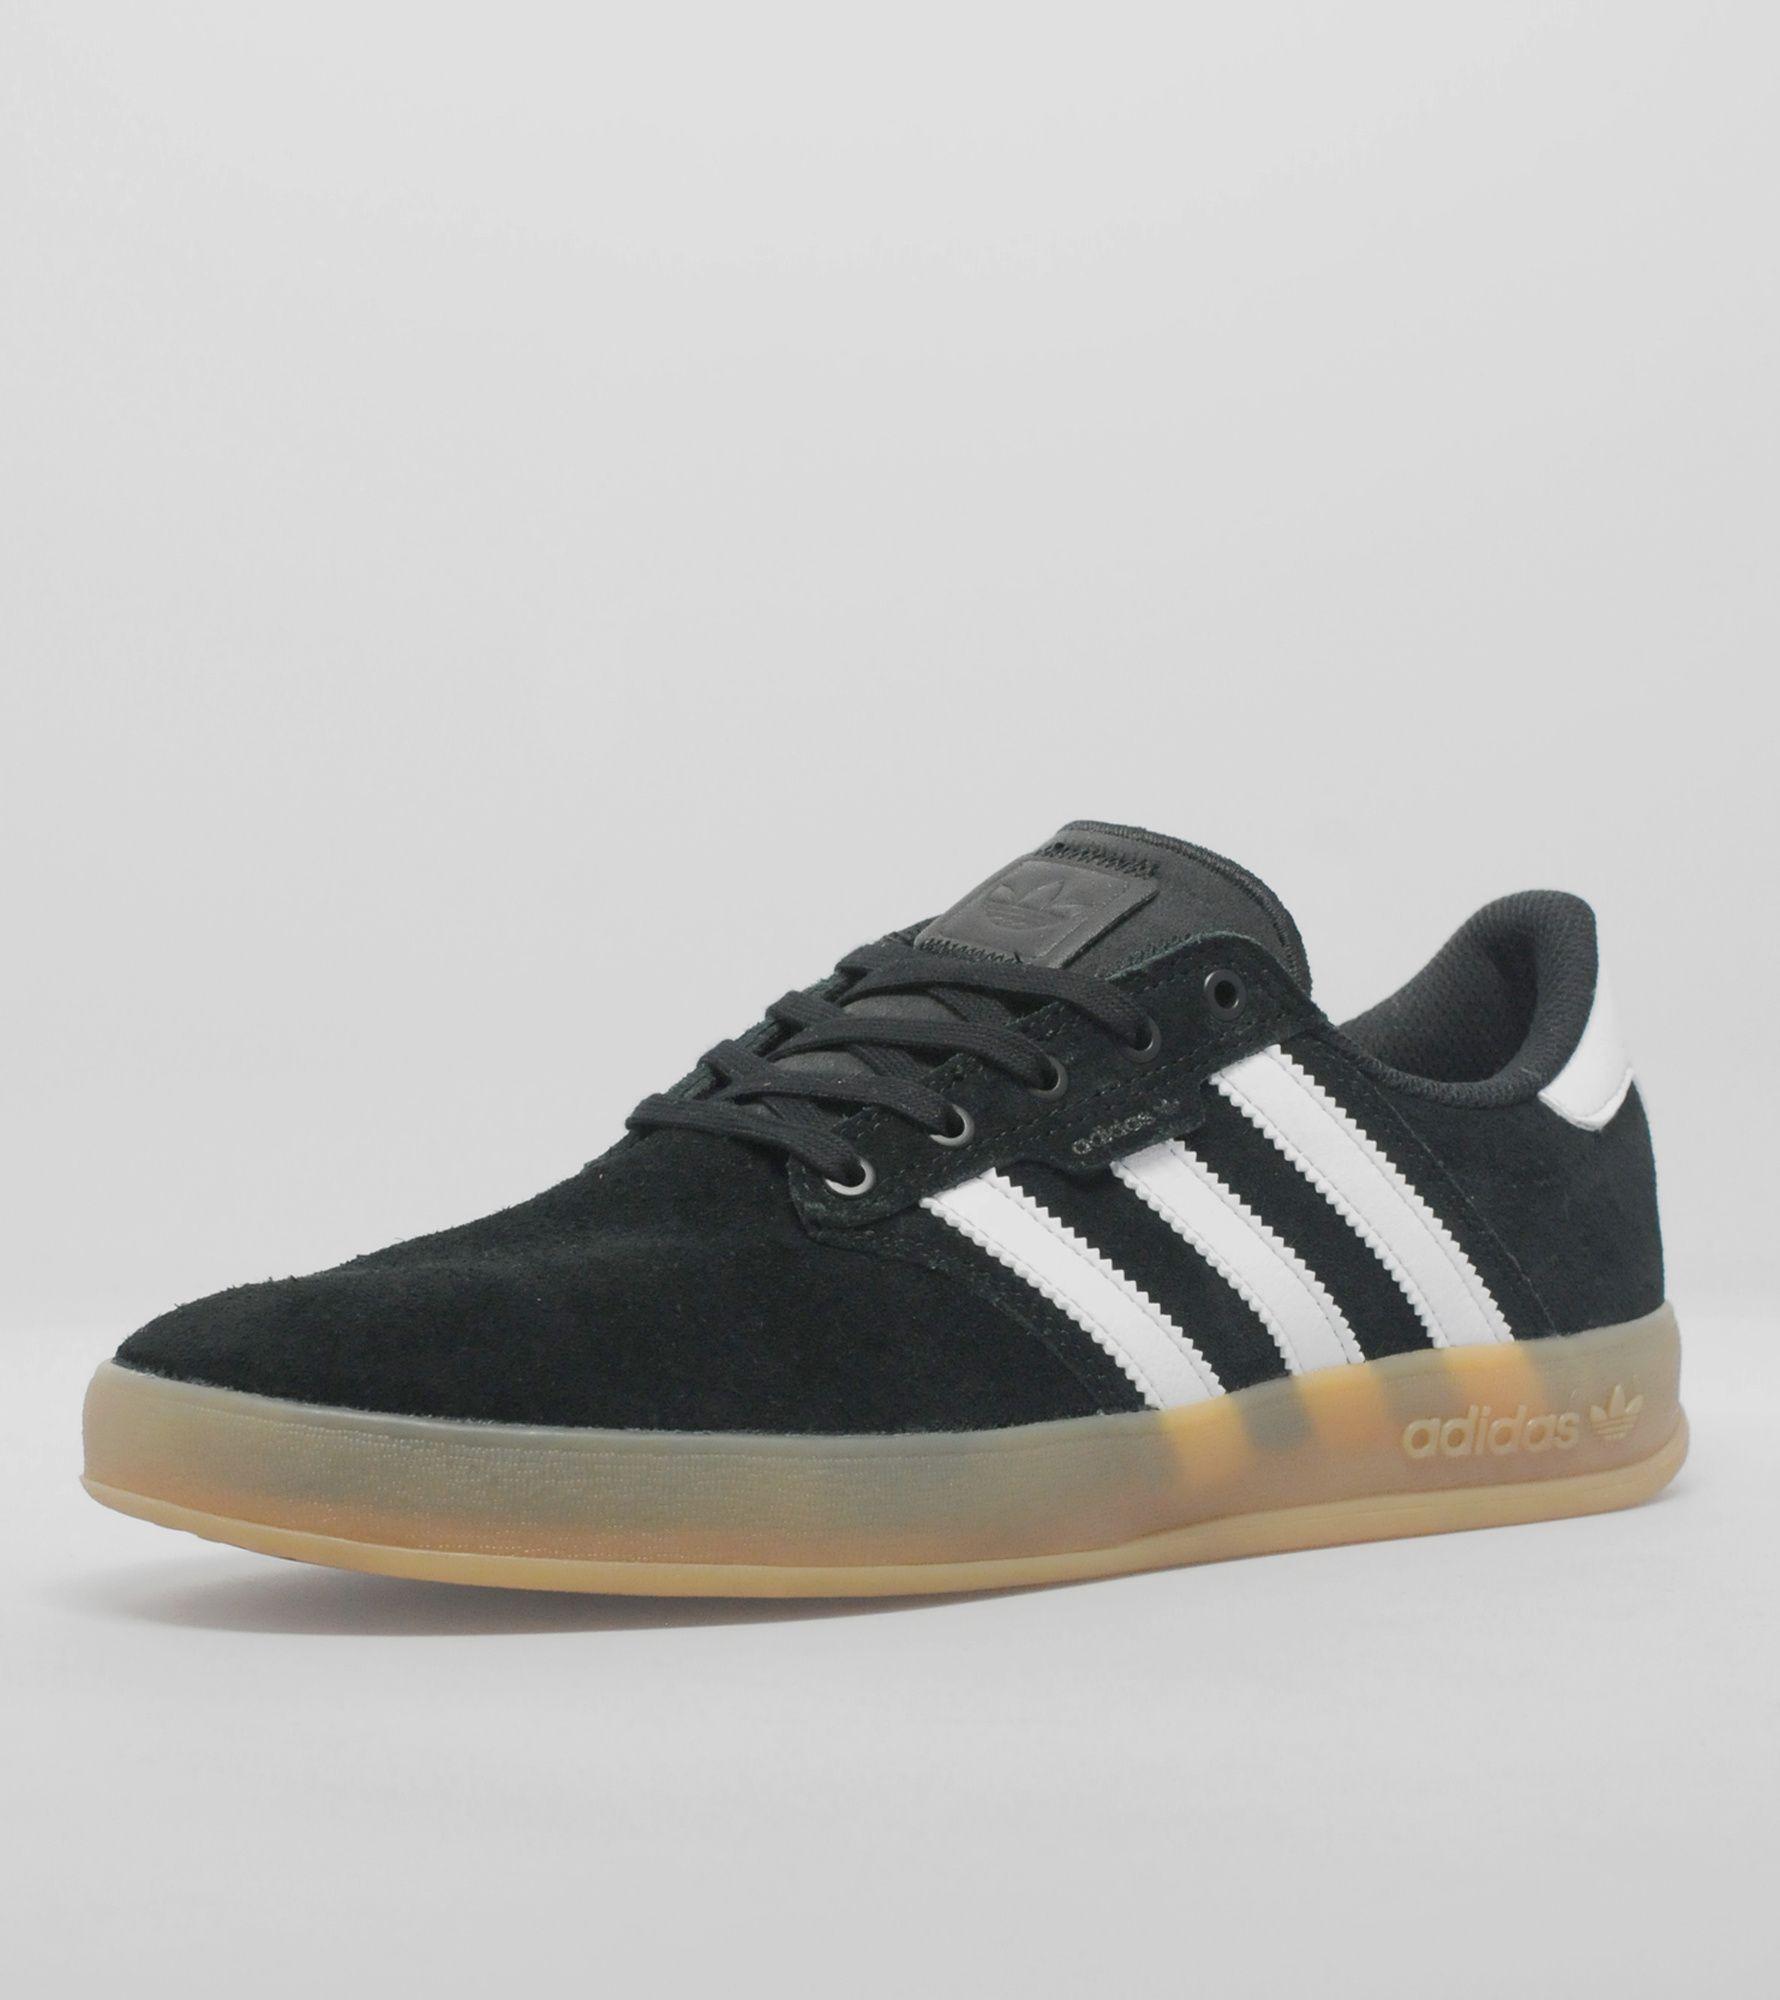 9319ae4f44c where can i buy black leather adidas samba trainers fb8e4 e8180  clearance  adidas originals seeley cup e02eb eb3fb